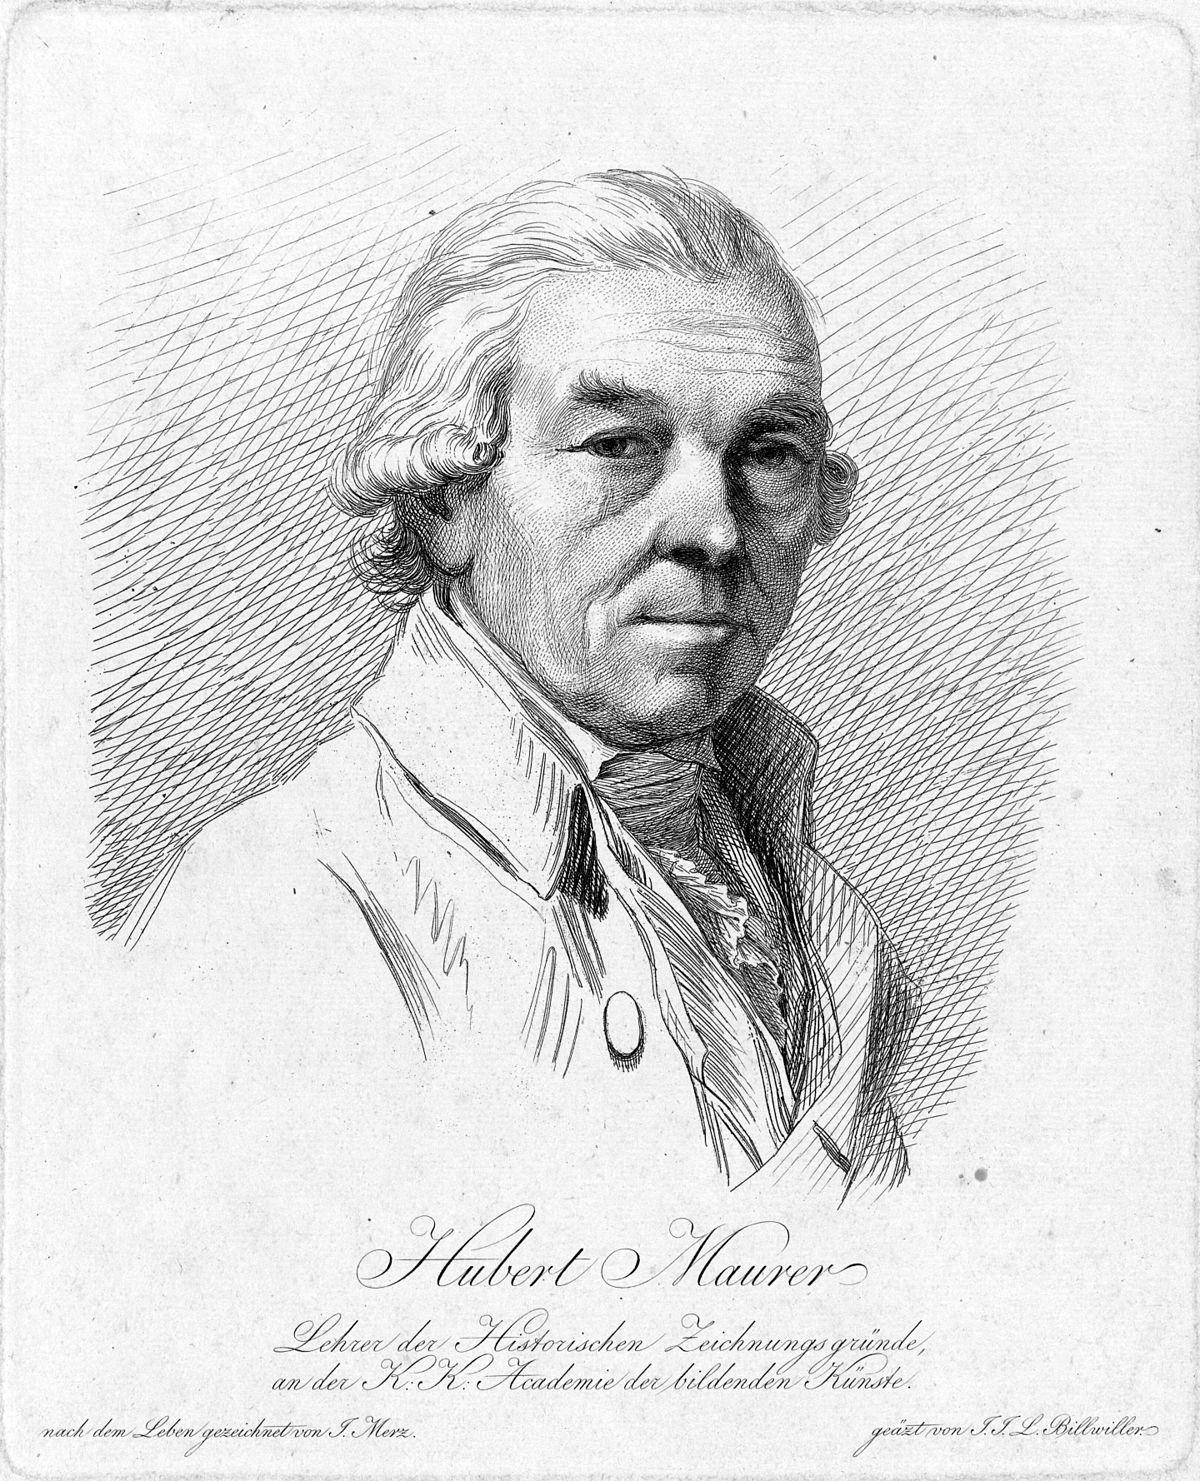 Hubert Maurer – Wikipedia